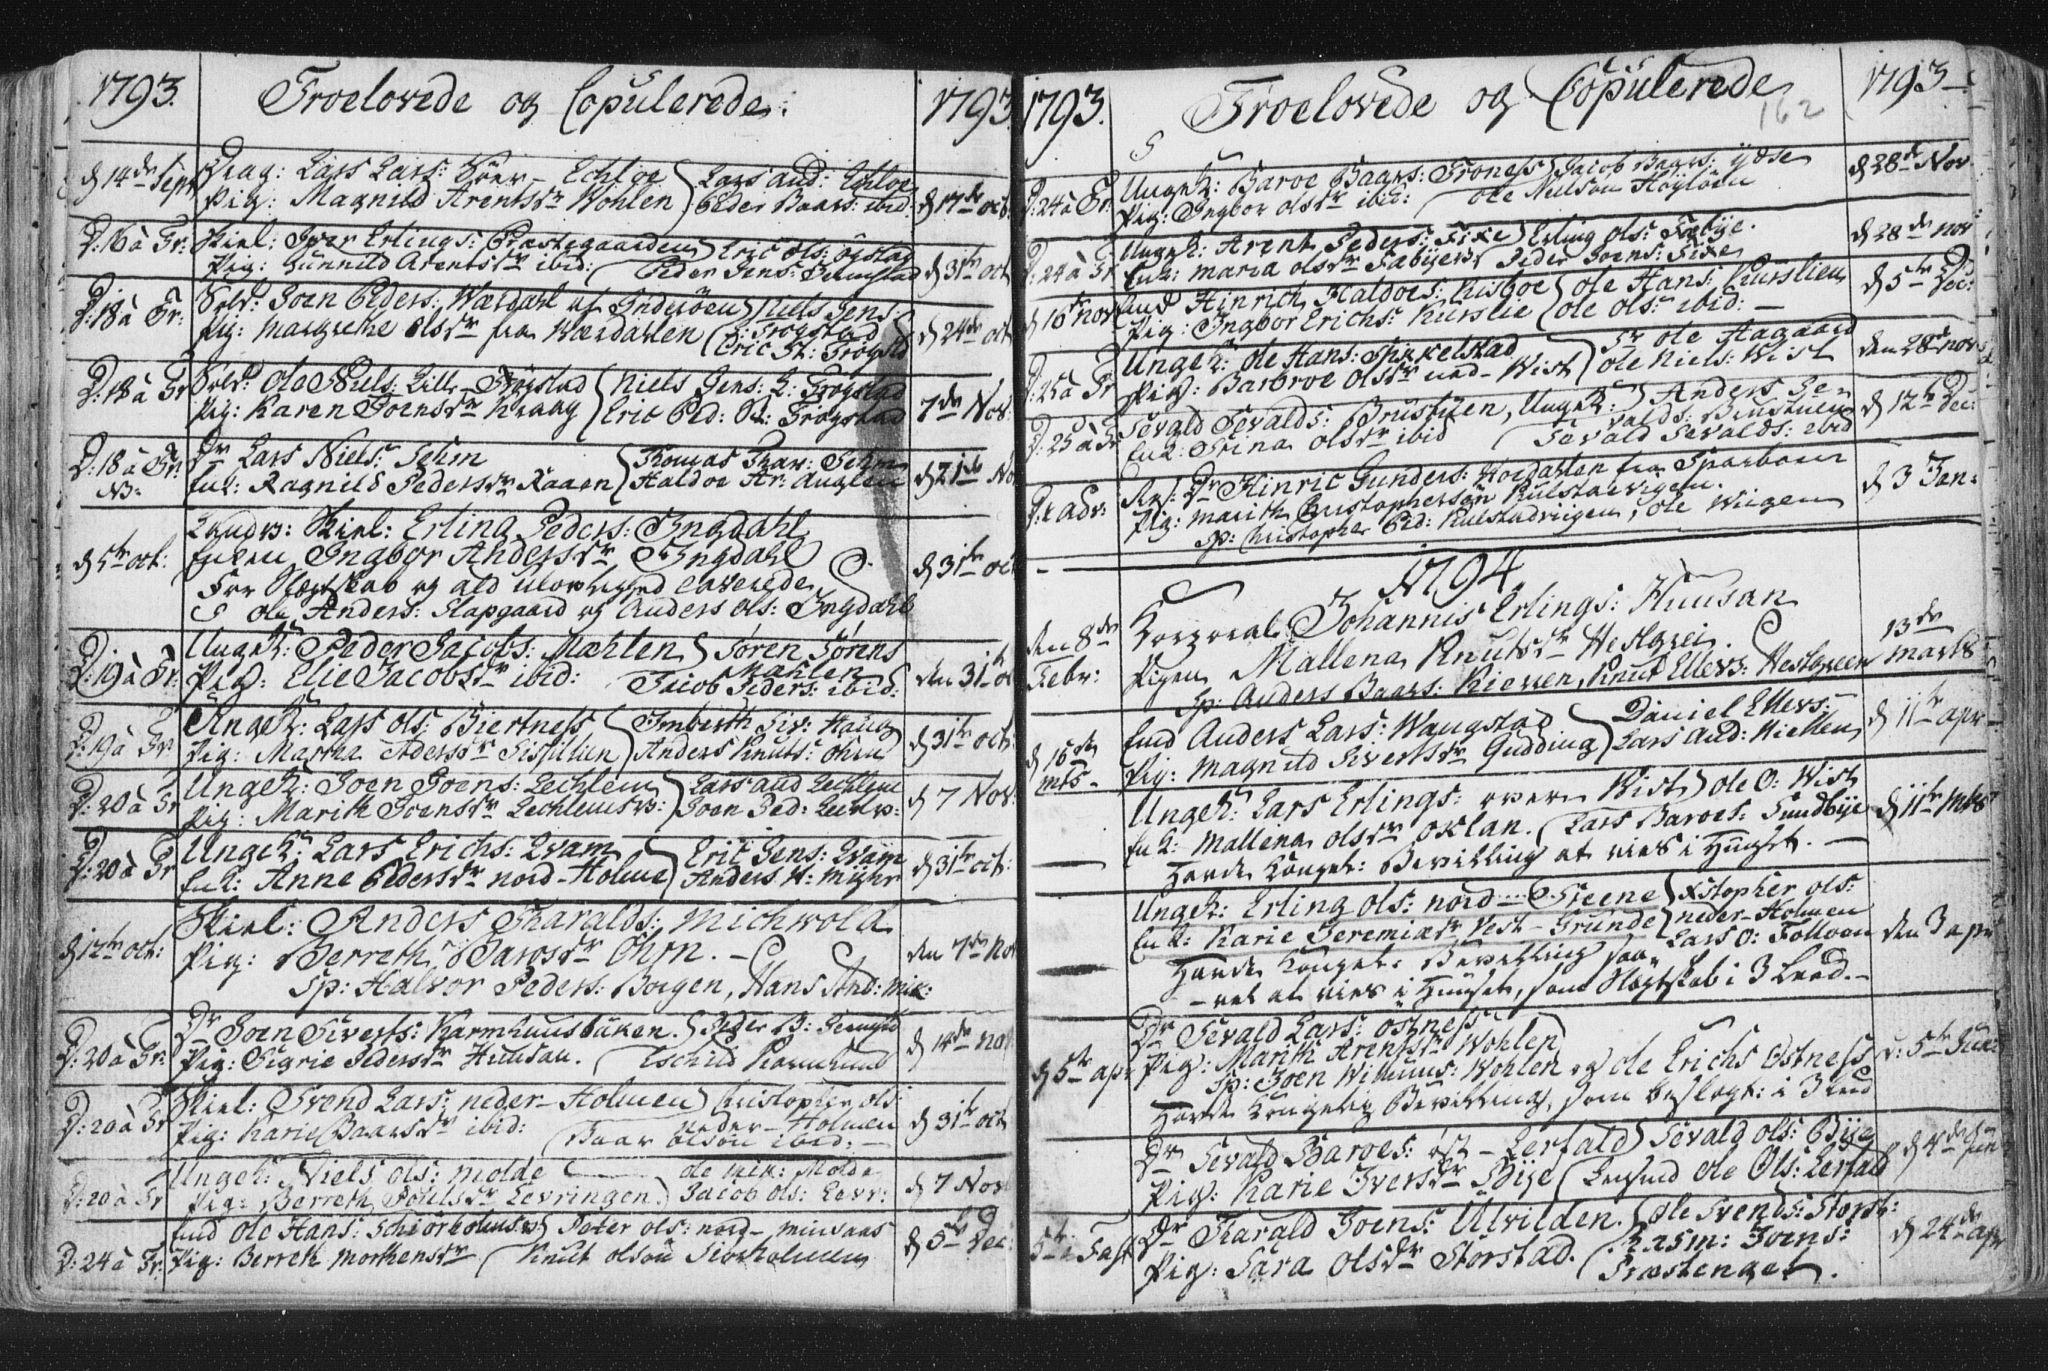 SAT, Ministerialprotokoller, klokkerbøker og fødselsregistre - Nord-Trøndelag, 723/L0232: Ministerialbok nr. 723A03, 1781-1804, s. 162